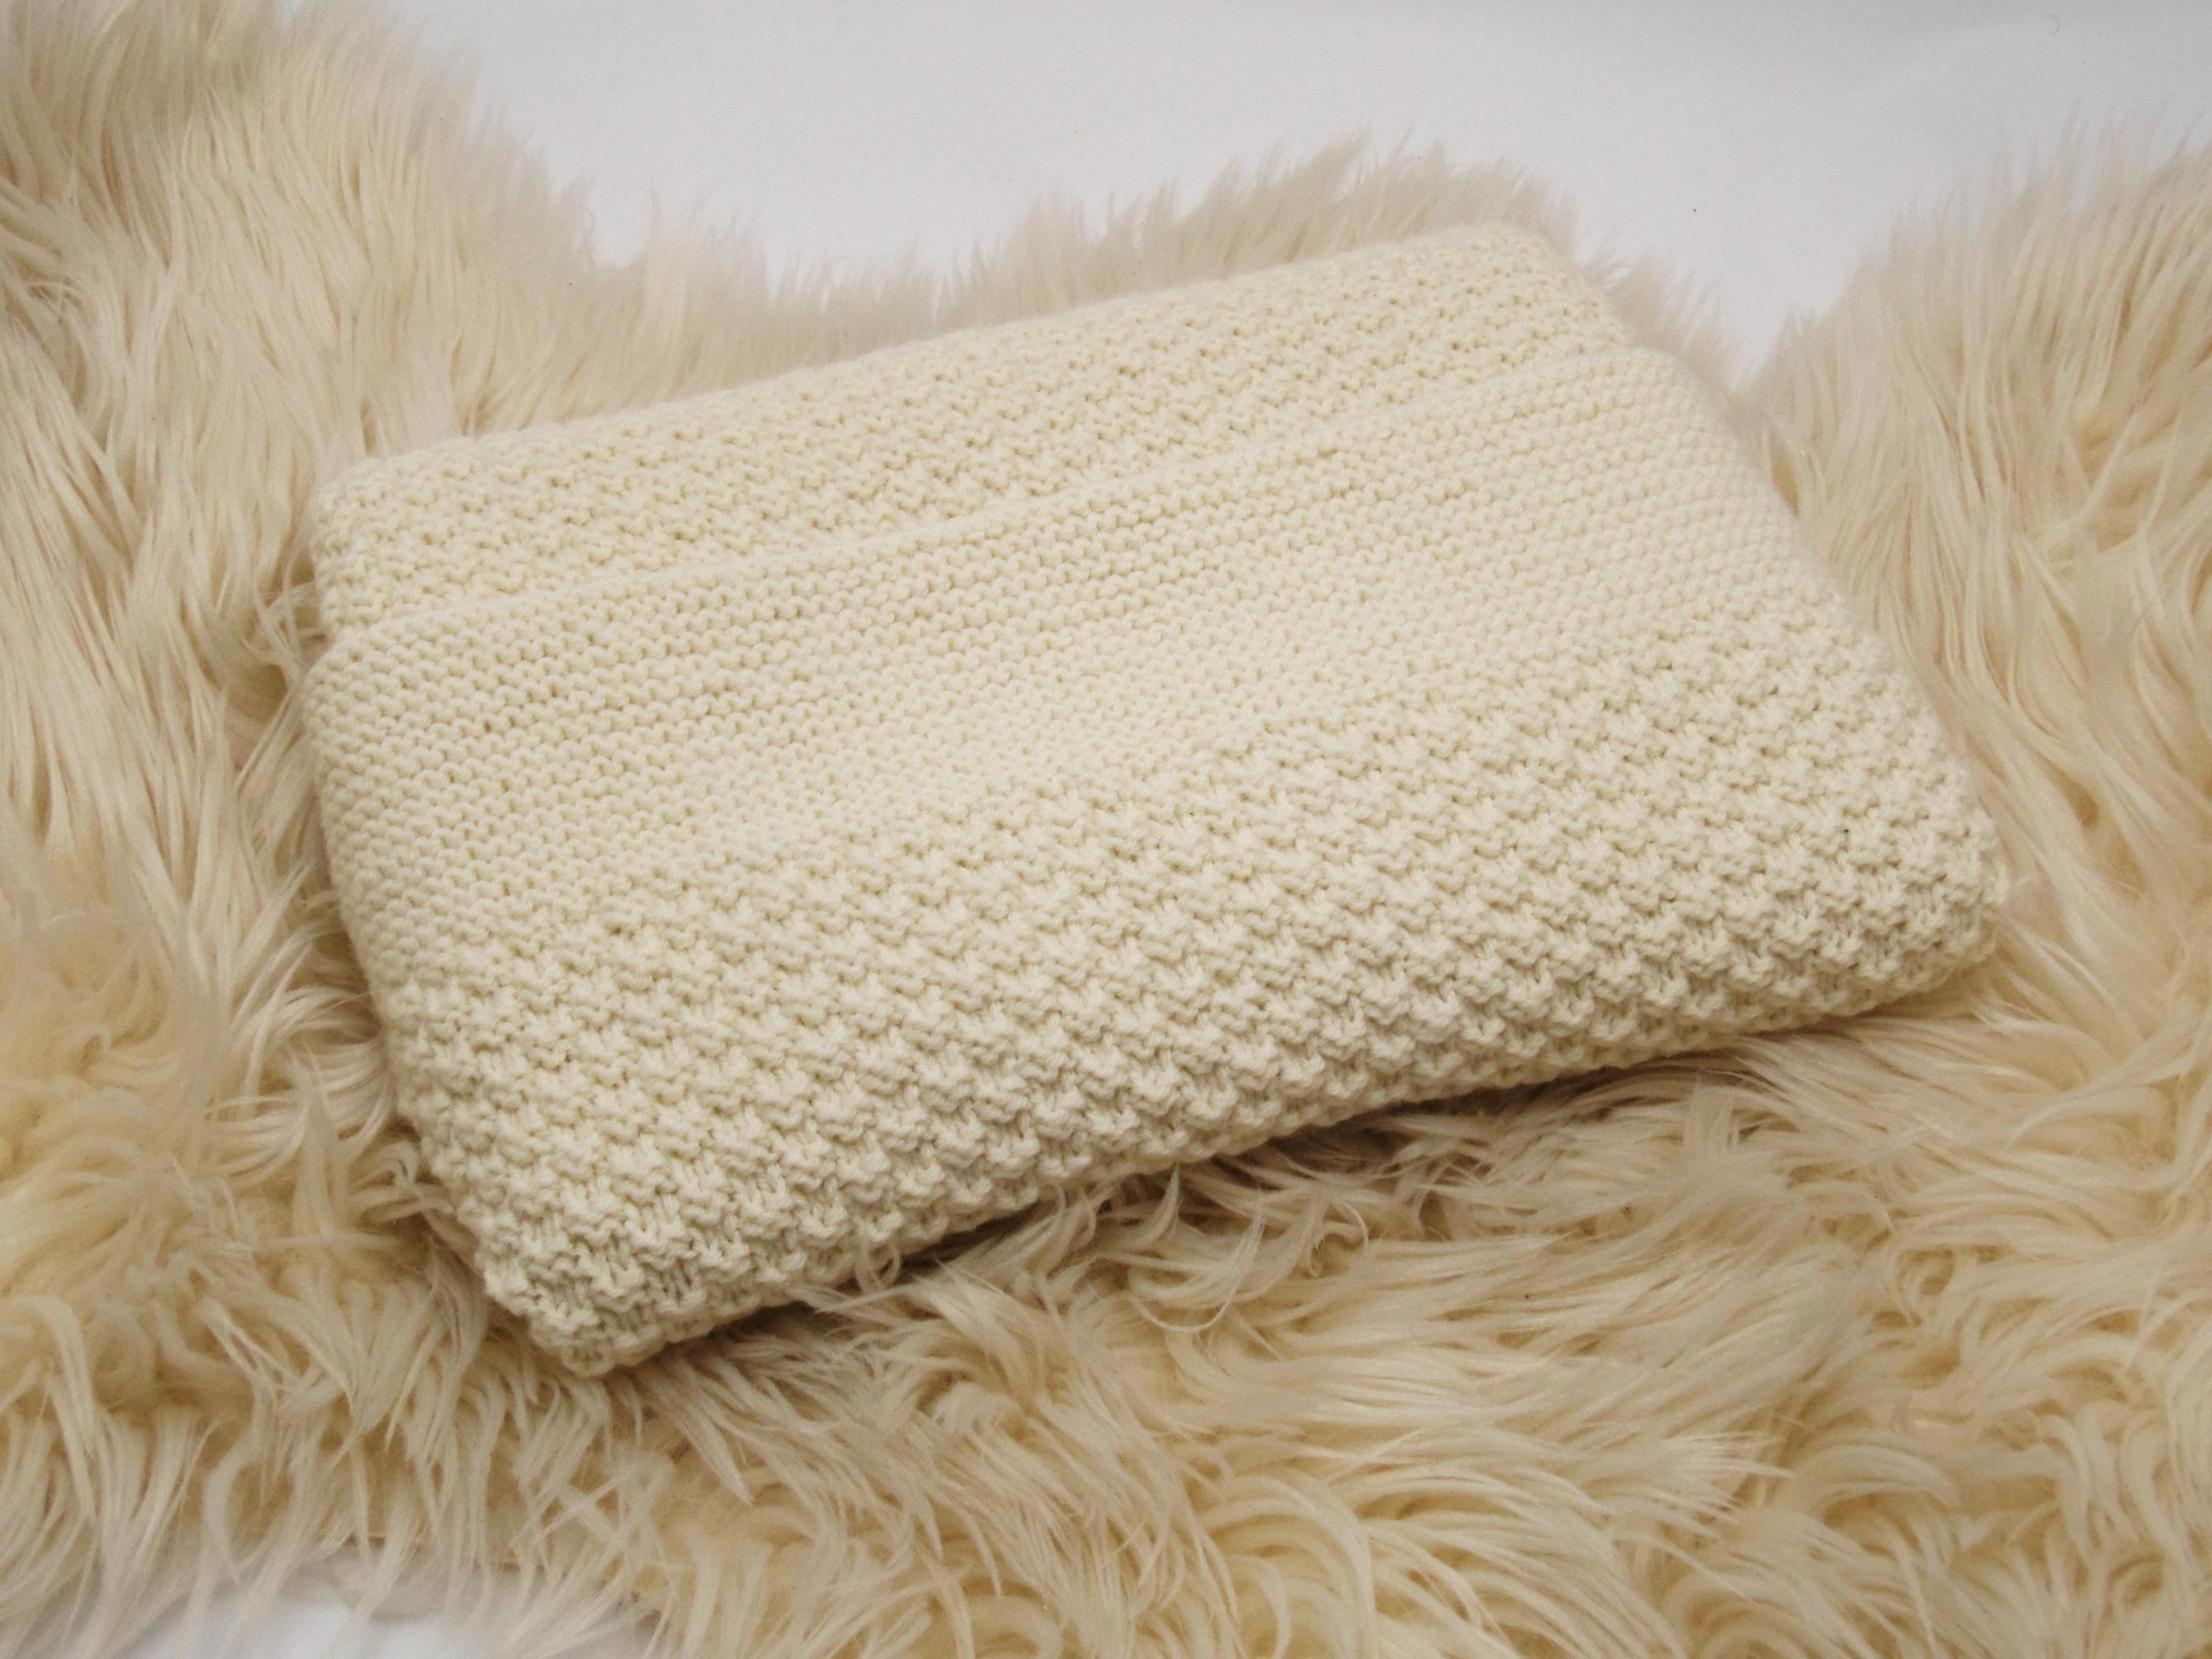 couverture bébé en laine couverture épaisse écru bébé tricotée main 100% laine mérinos naturel couverture bébé en laine